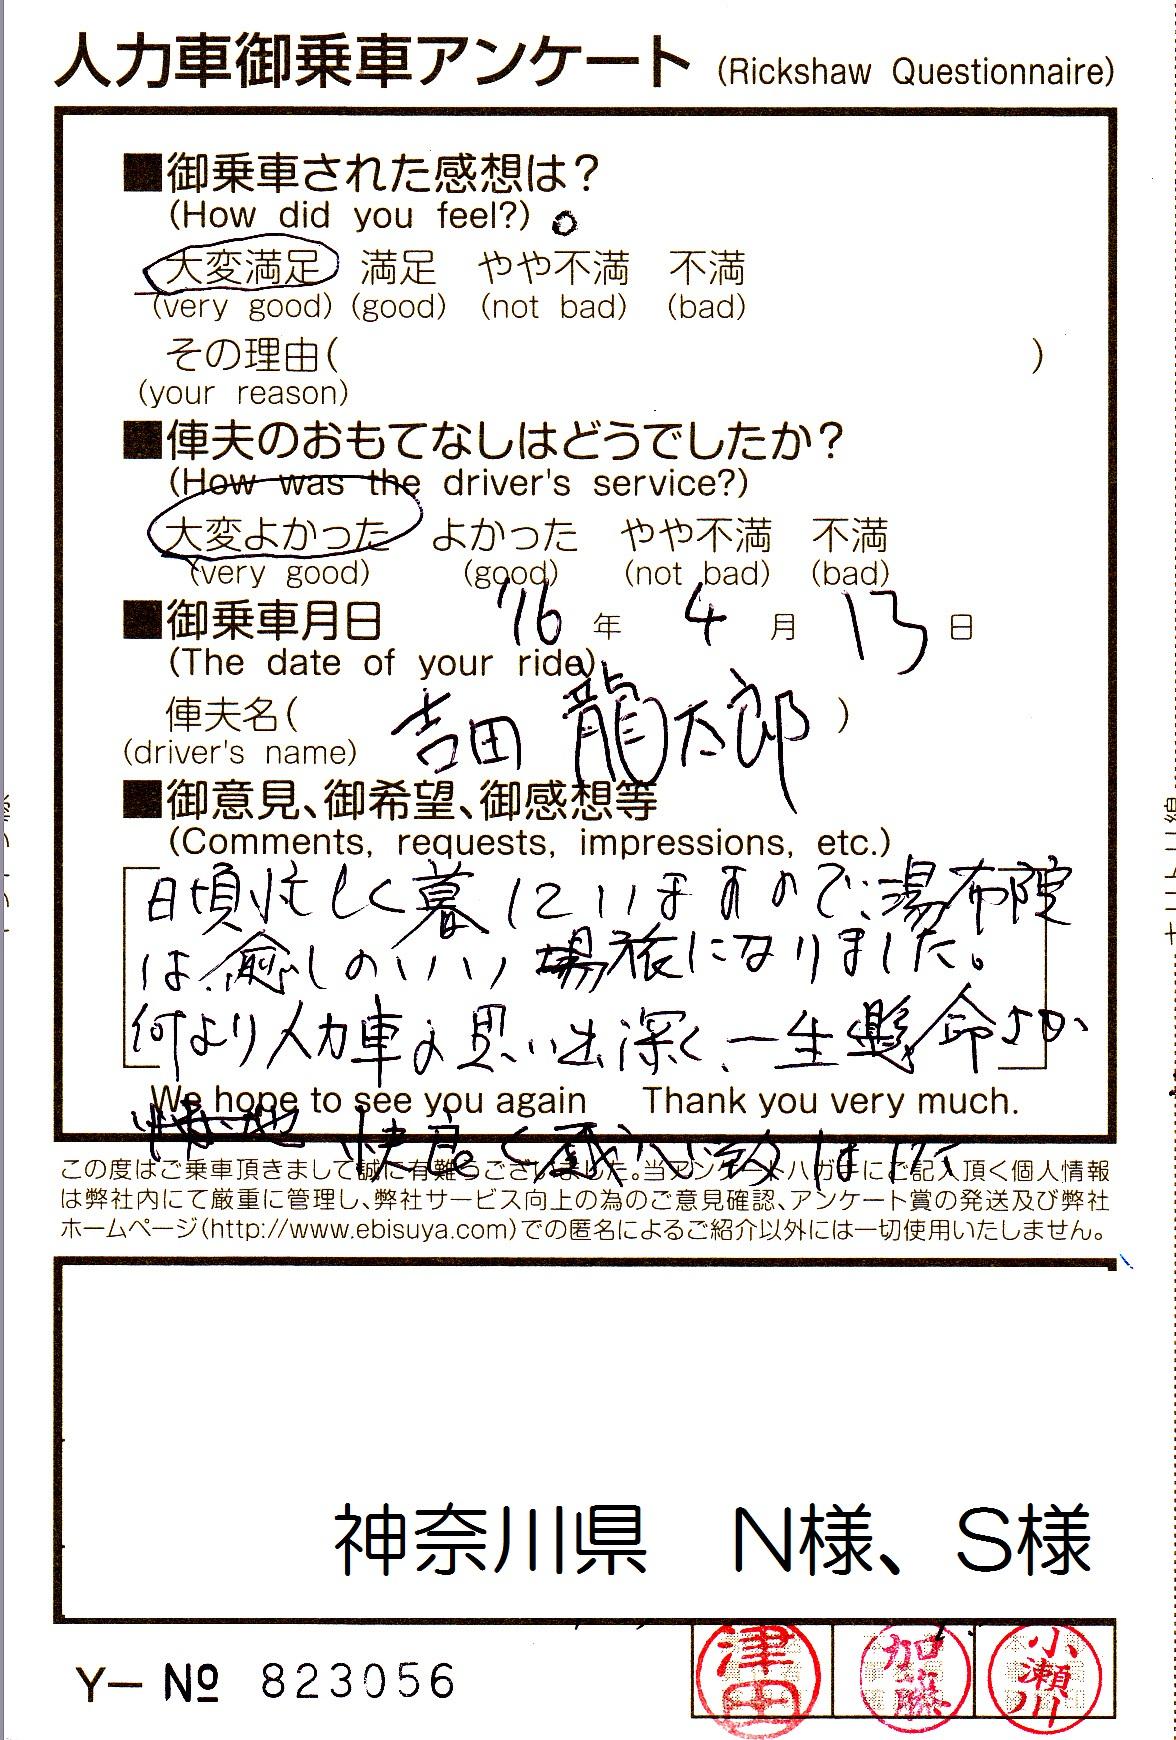 神奈川県 N様、S様